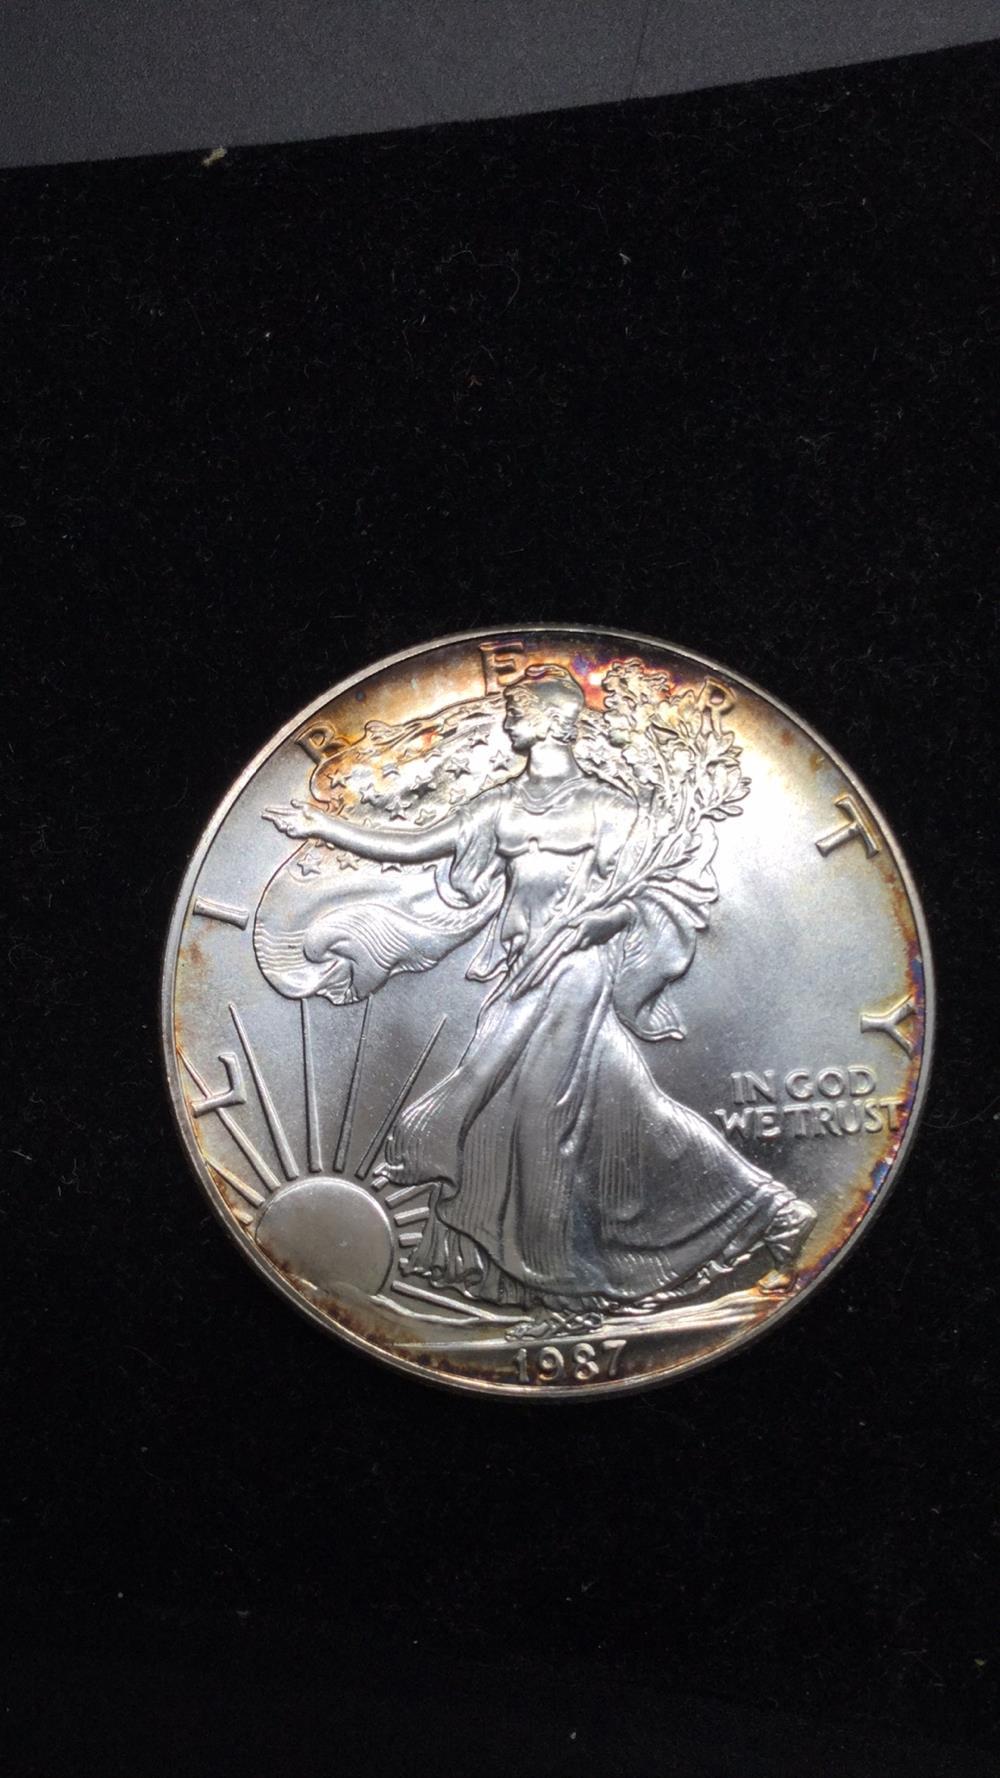 1987 dollar coin